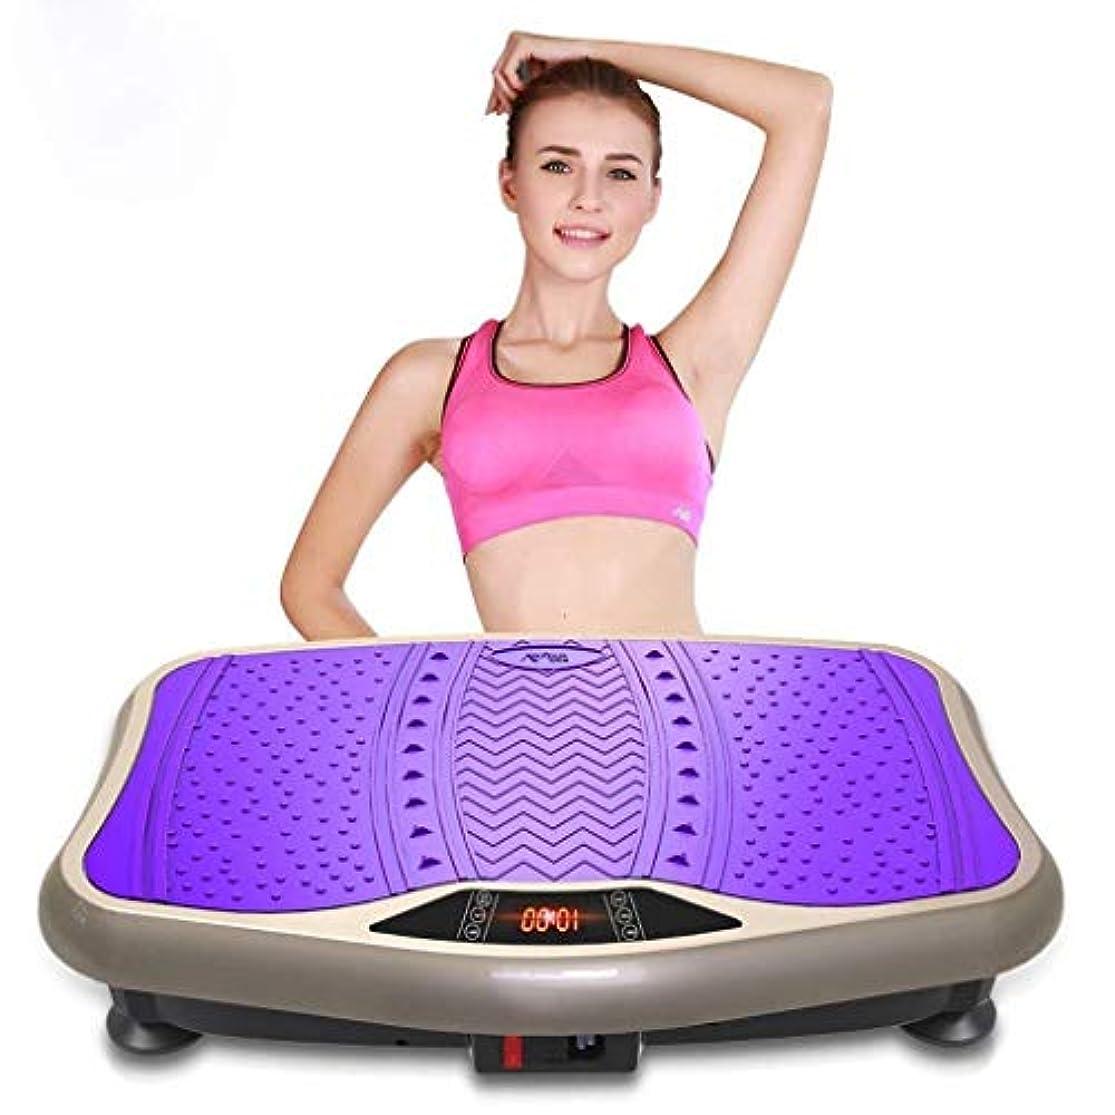 騒々しい他の場所私たちのもの減量装置、多機能フィットネス振動マシン、5モードボディシェークマッサージャー、体重を減らし、体型を整え、過剰な体脂肪を減らすことができます